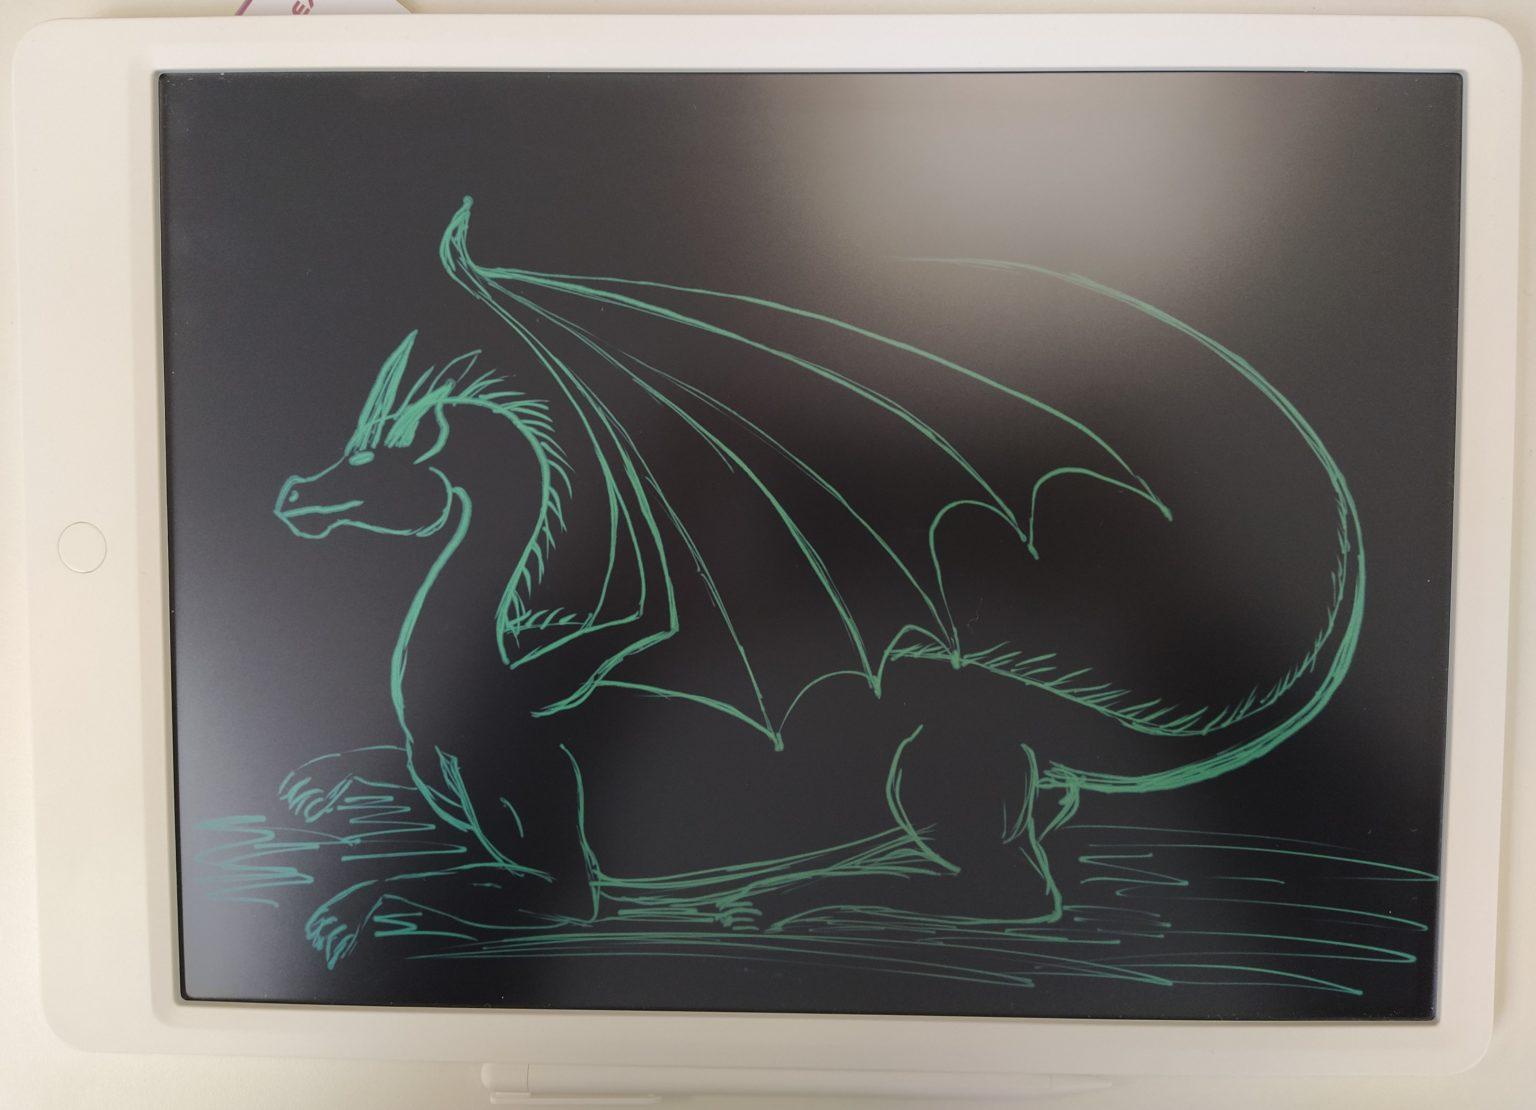 Dibujo de un dragón hecho con la tablet gráfica LCD de Xiaomi Mijia